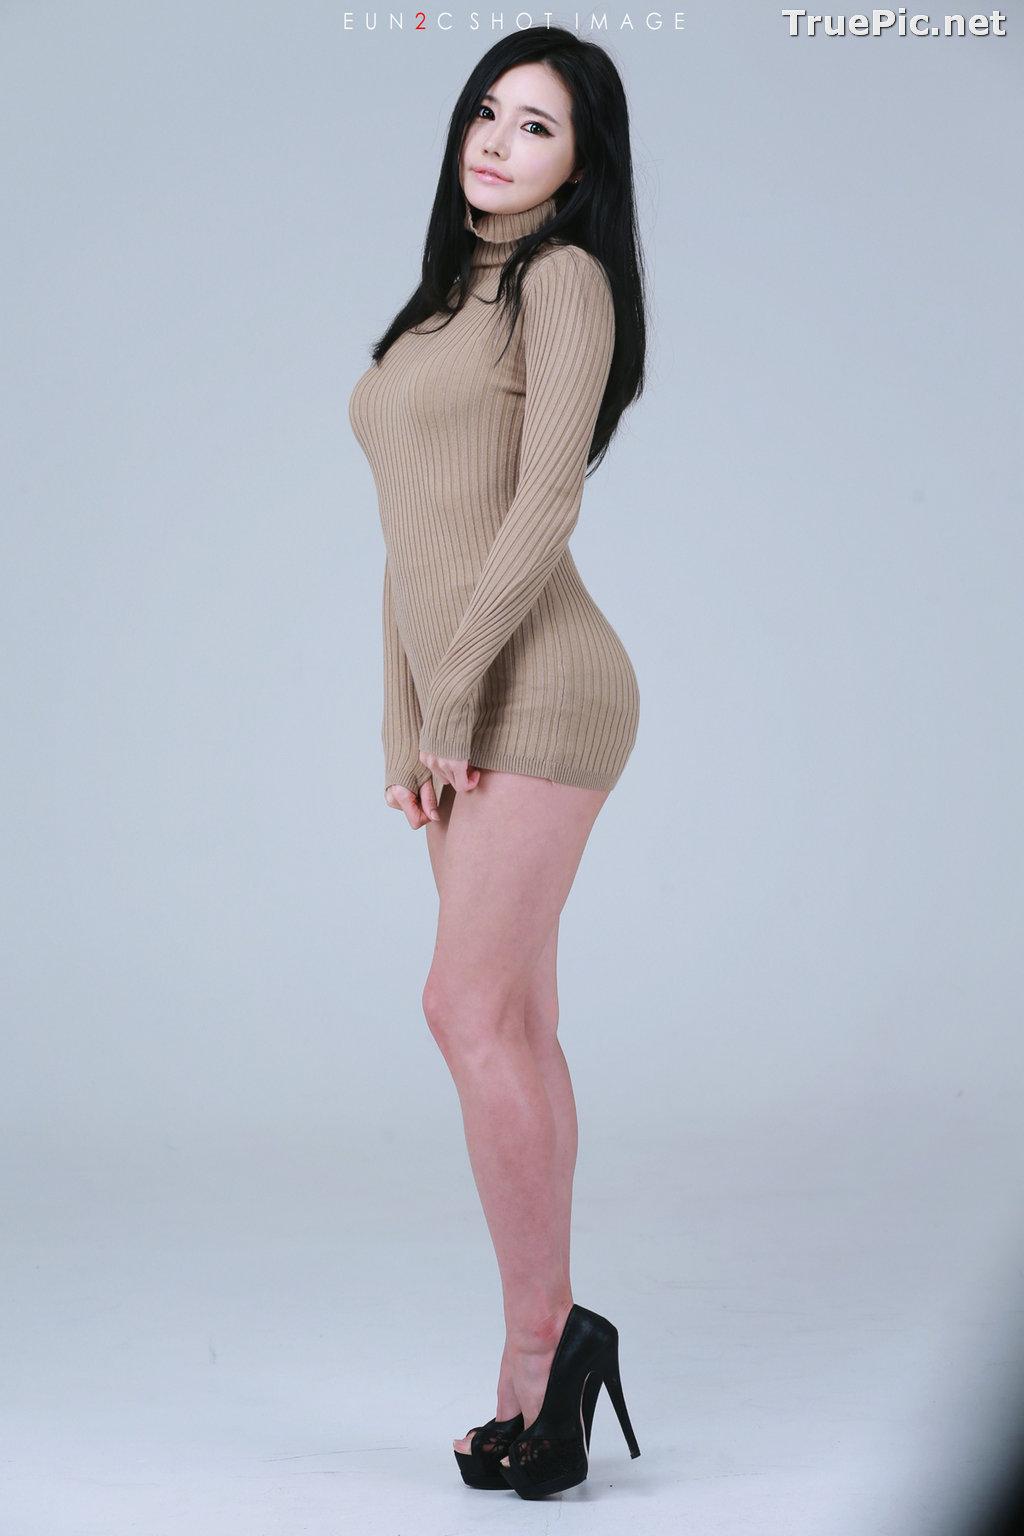 Image Best Beautiful Images Of Korean Racing Queen Han Ga Eun #2 - TruePic.net - Picture-7